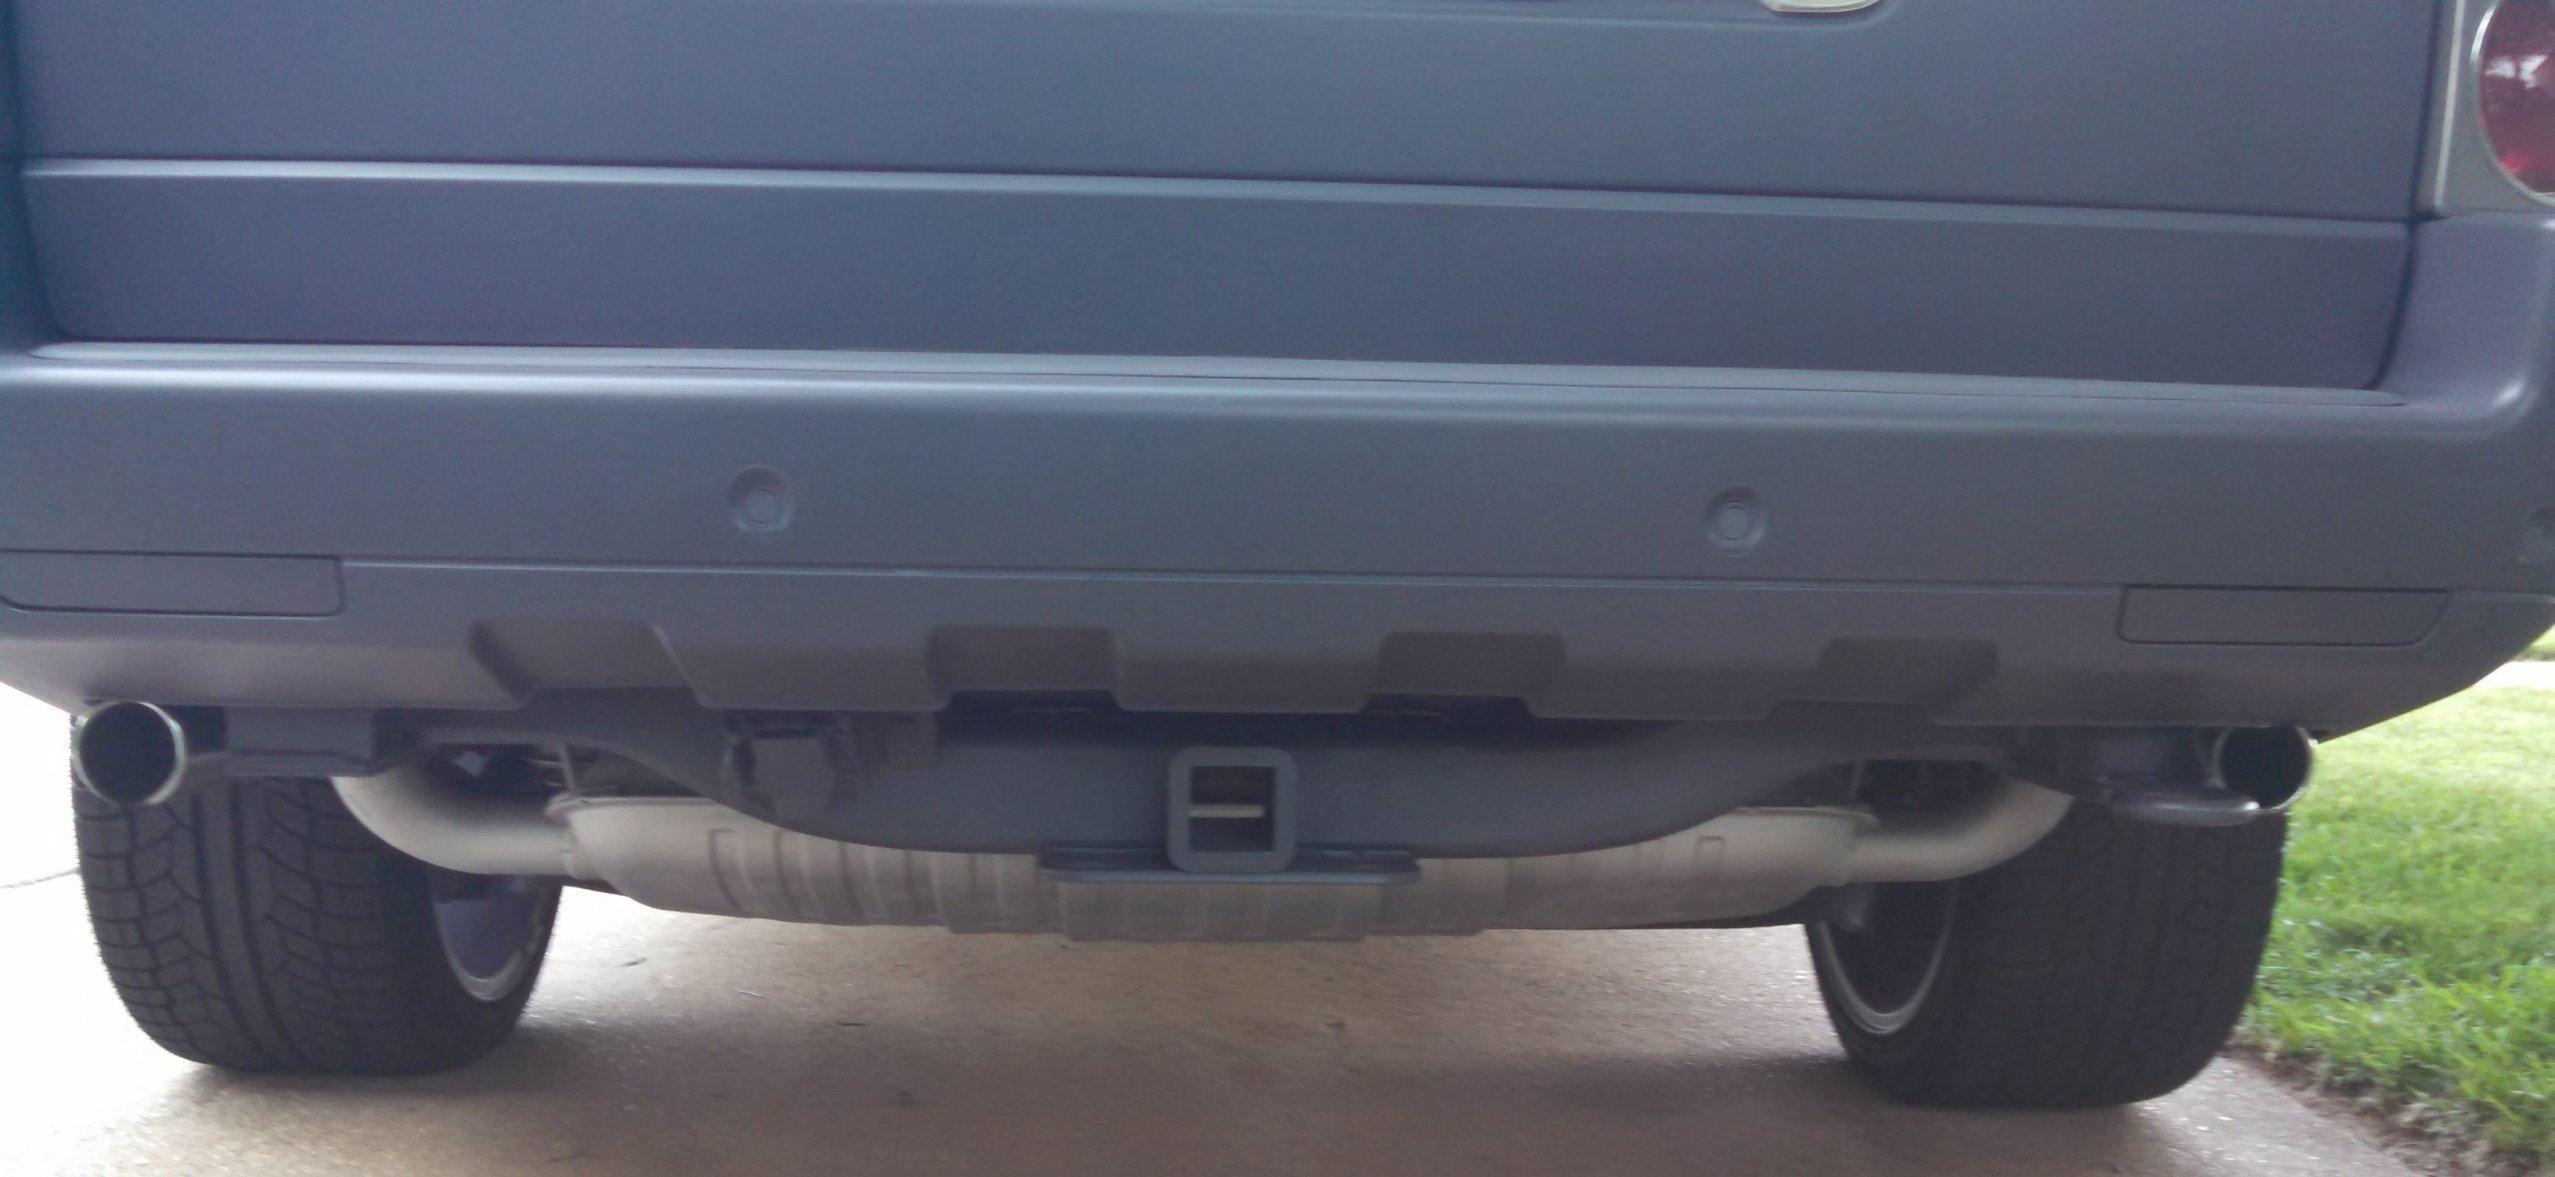 2004 Range Rover Exhaust Tip Upgrade-image003.jpg